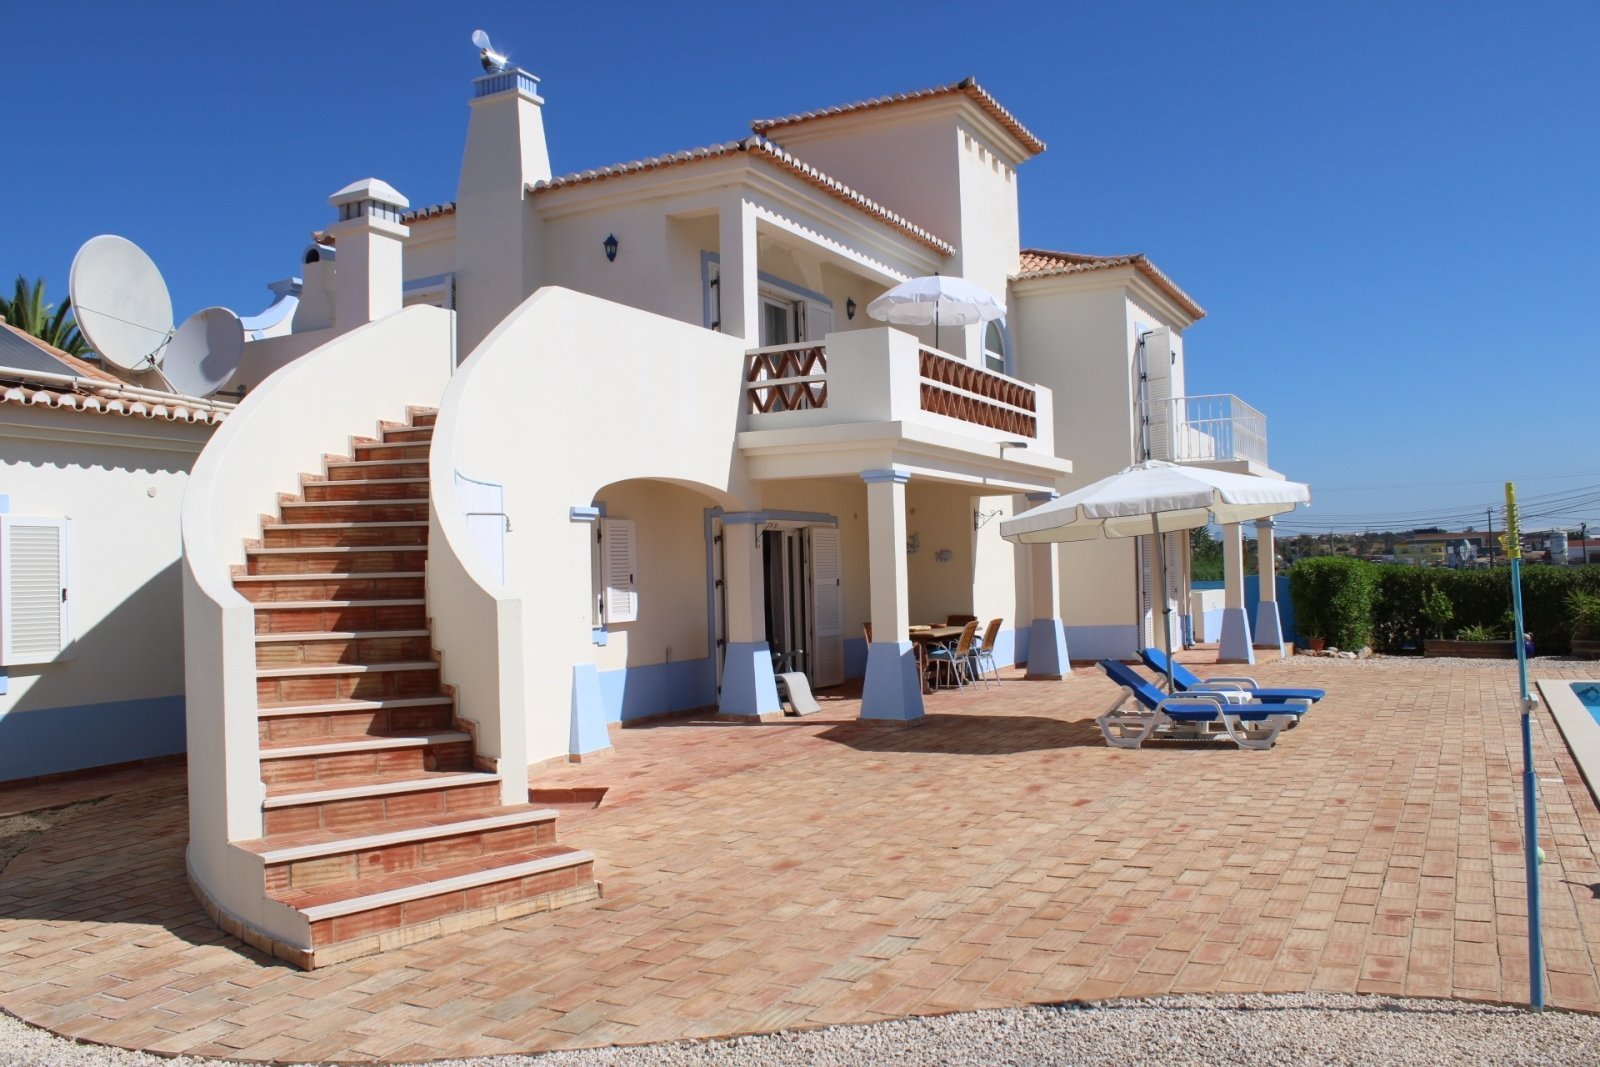 4 Bedroom Villa Lagos, Western Algarve Ref: GV604